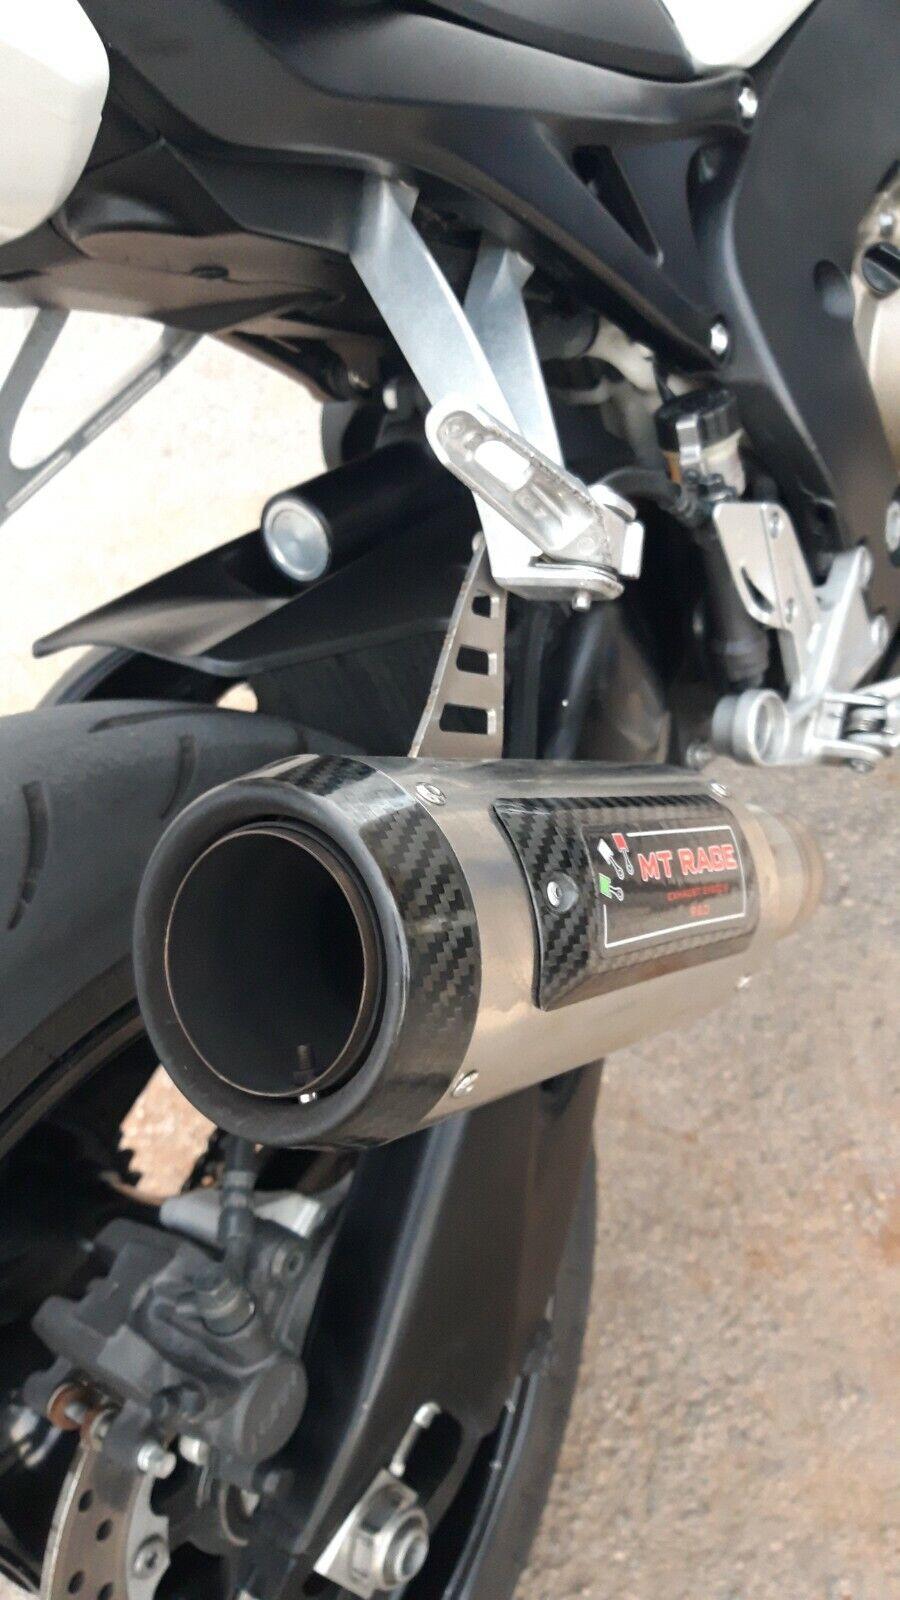 For Honda CBR1000RR 2008 2009 2010 2011 2012 2013 2014 2015 2016 Tubo collegamento collettori di scarico moto CBR 1000RR CBR1000 RR CBR 1000 RR Acciaio inossidabile